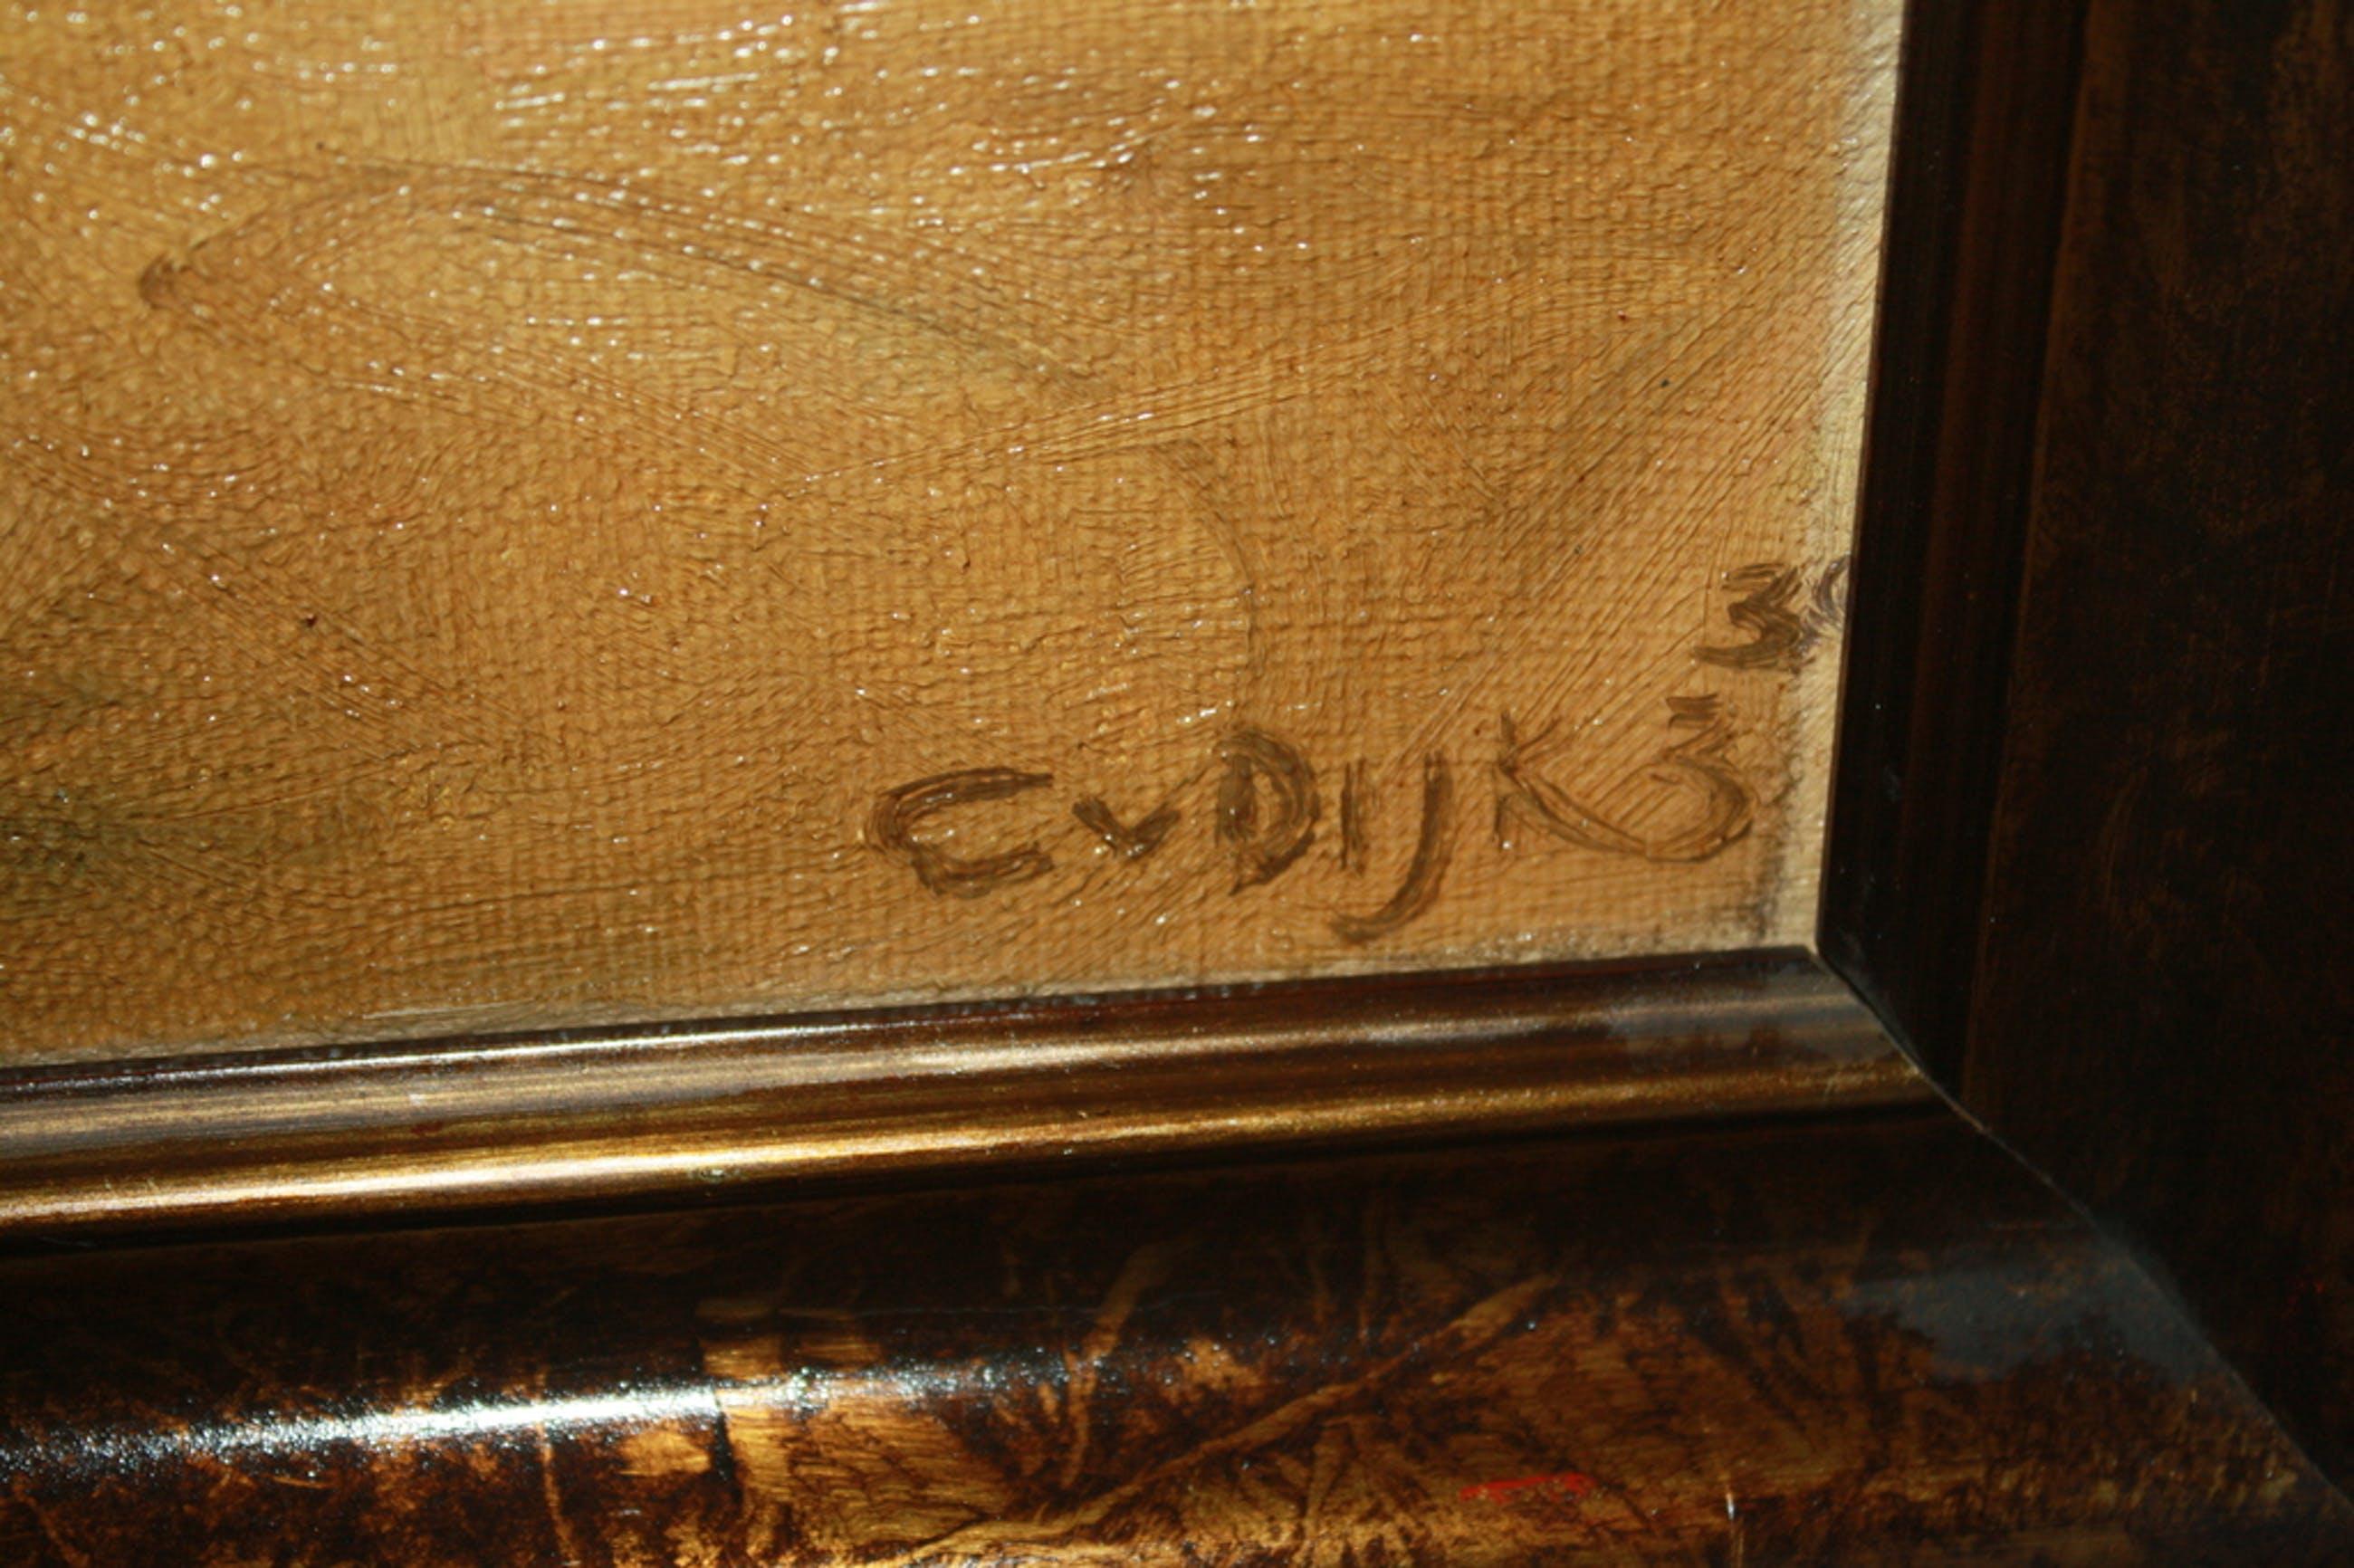 TULPEN IN GLAZEN VAAS  - ART DECO 1933 door C VAN DIJK kopen? Bied vanaf 1!